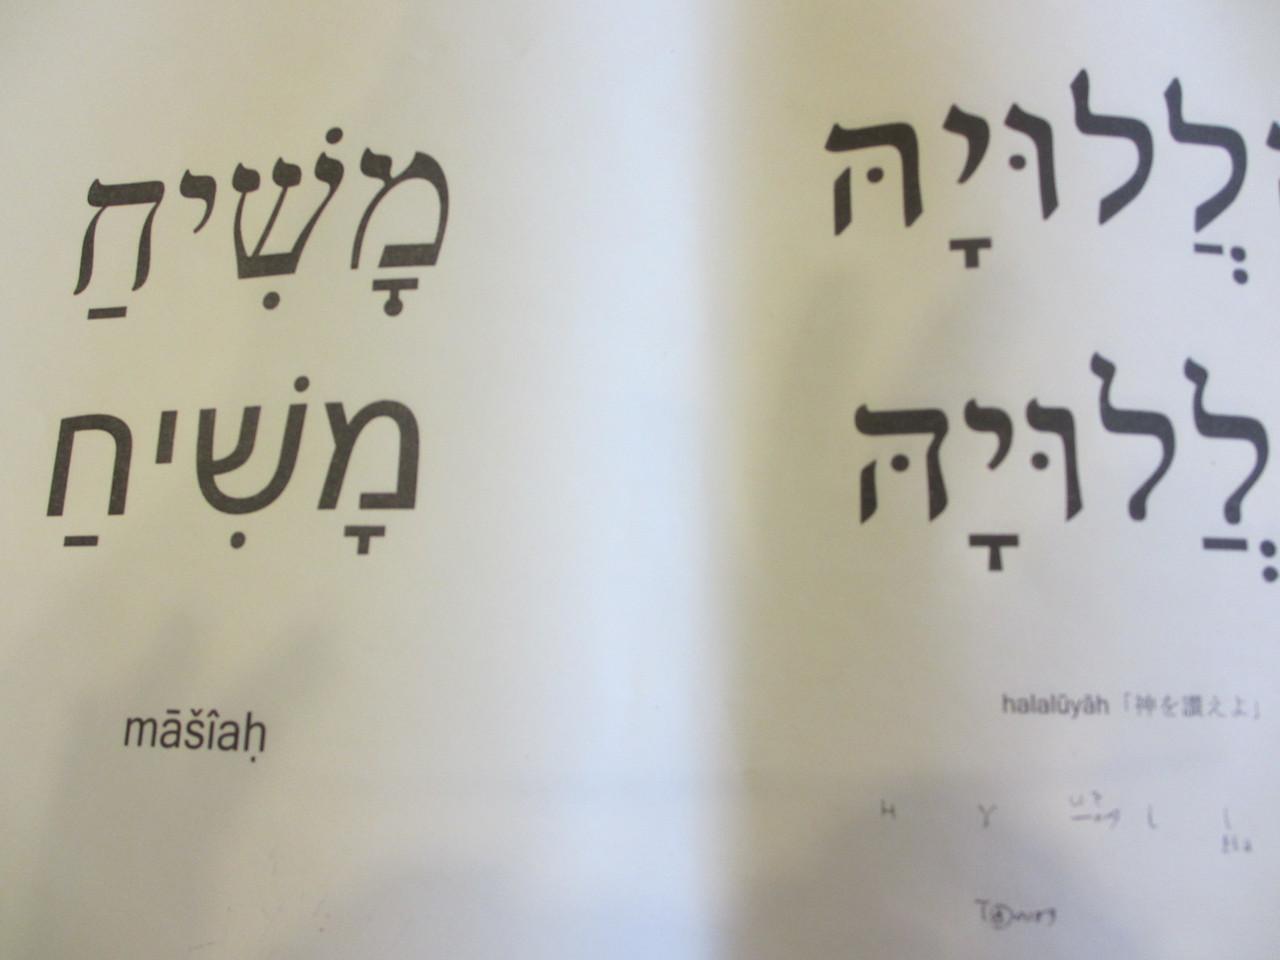 ヘブライ語で「メサイア」